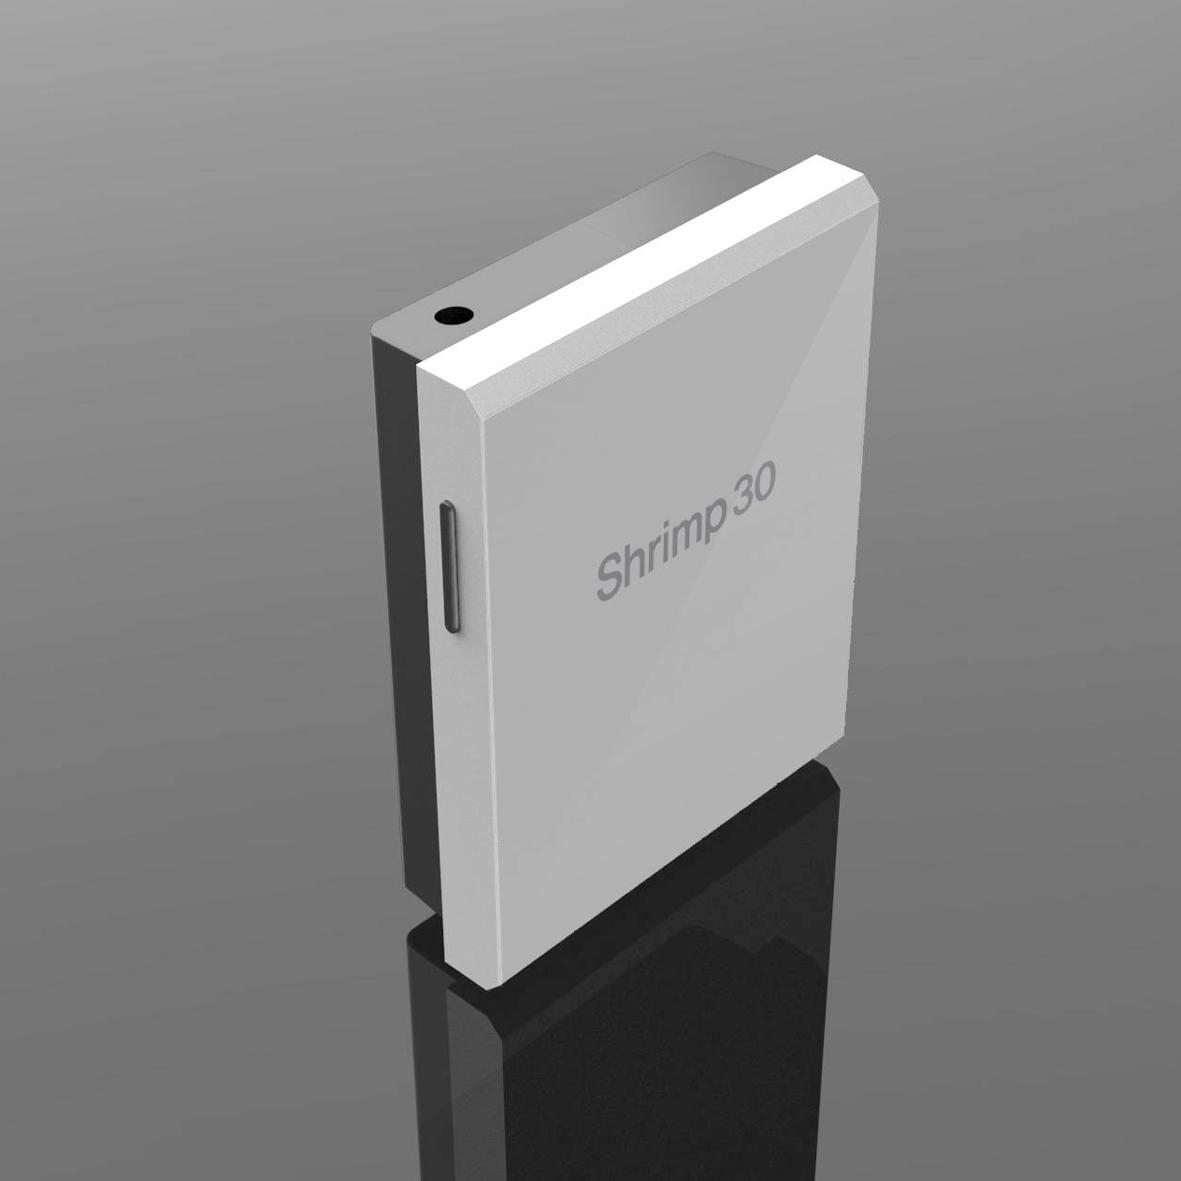 TWINSTARⅡ SHRIMP30